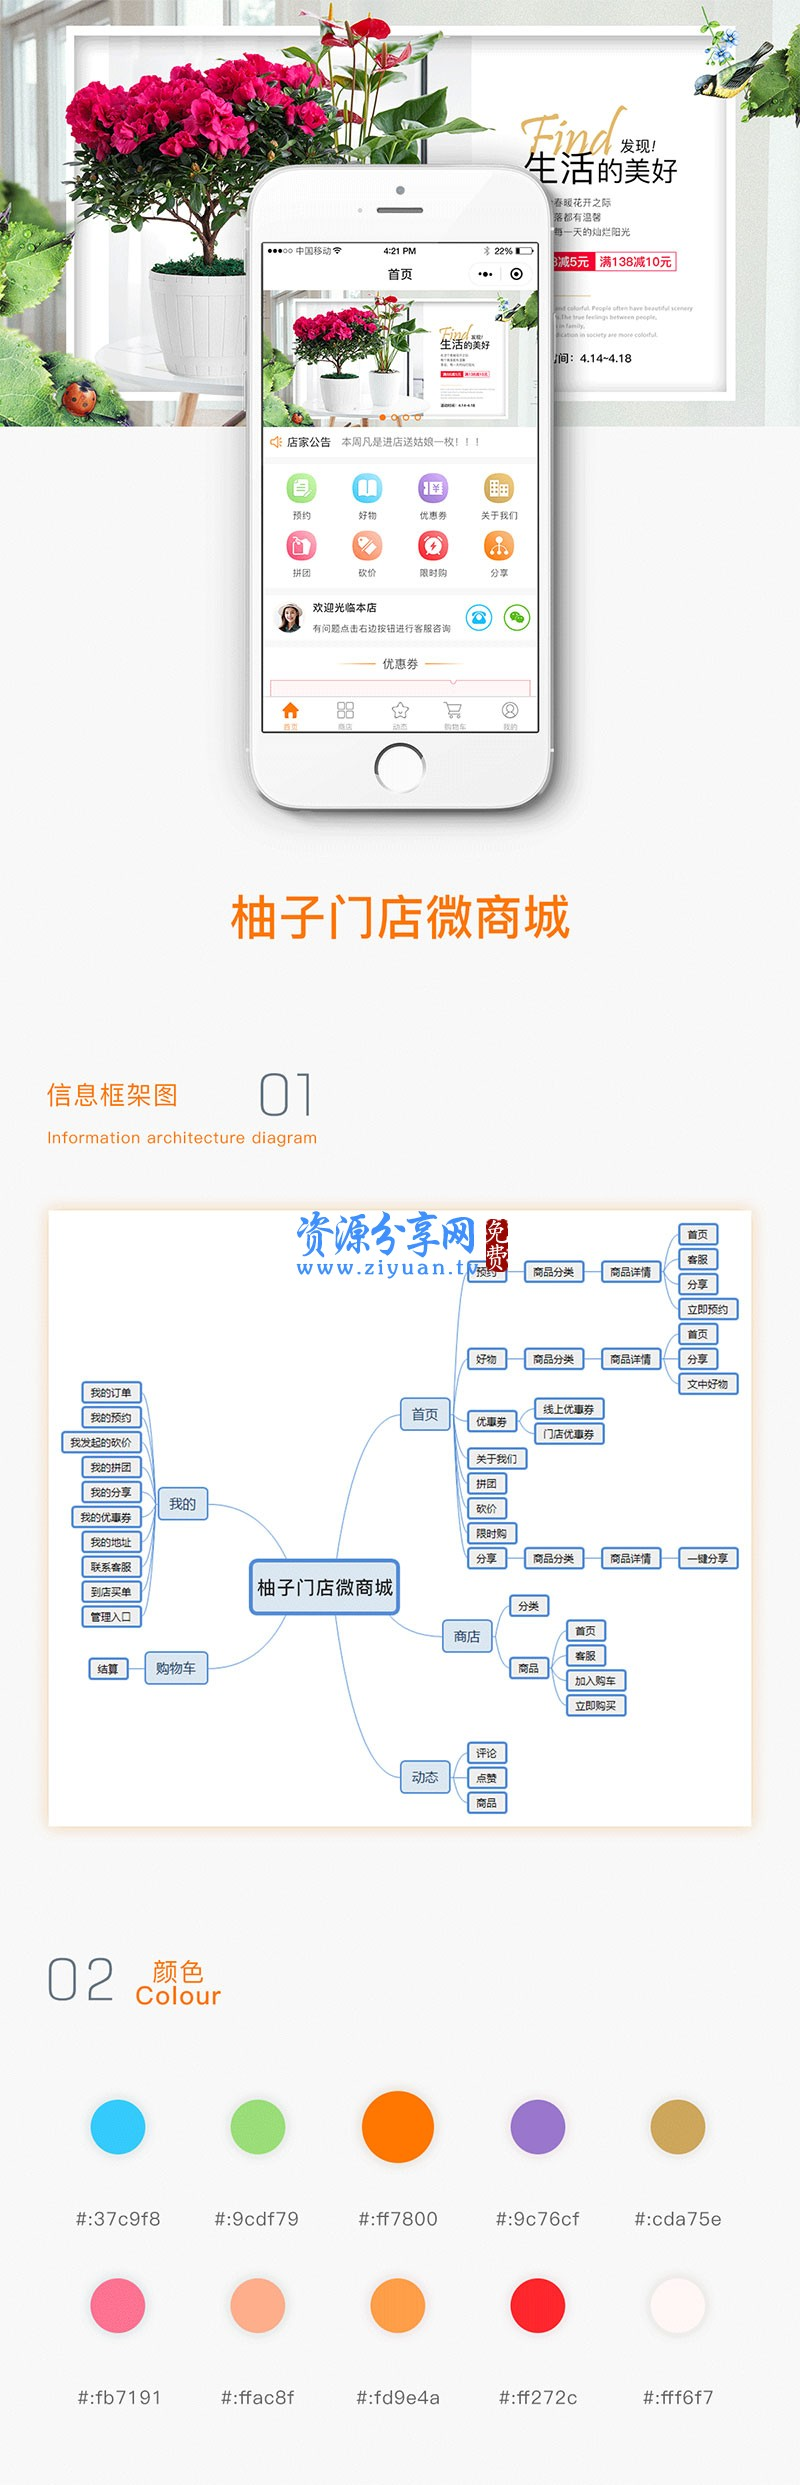 柚子门店微商城小程序 V1.2.2 开源版